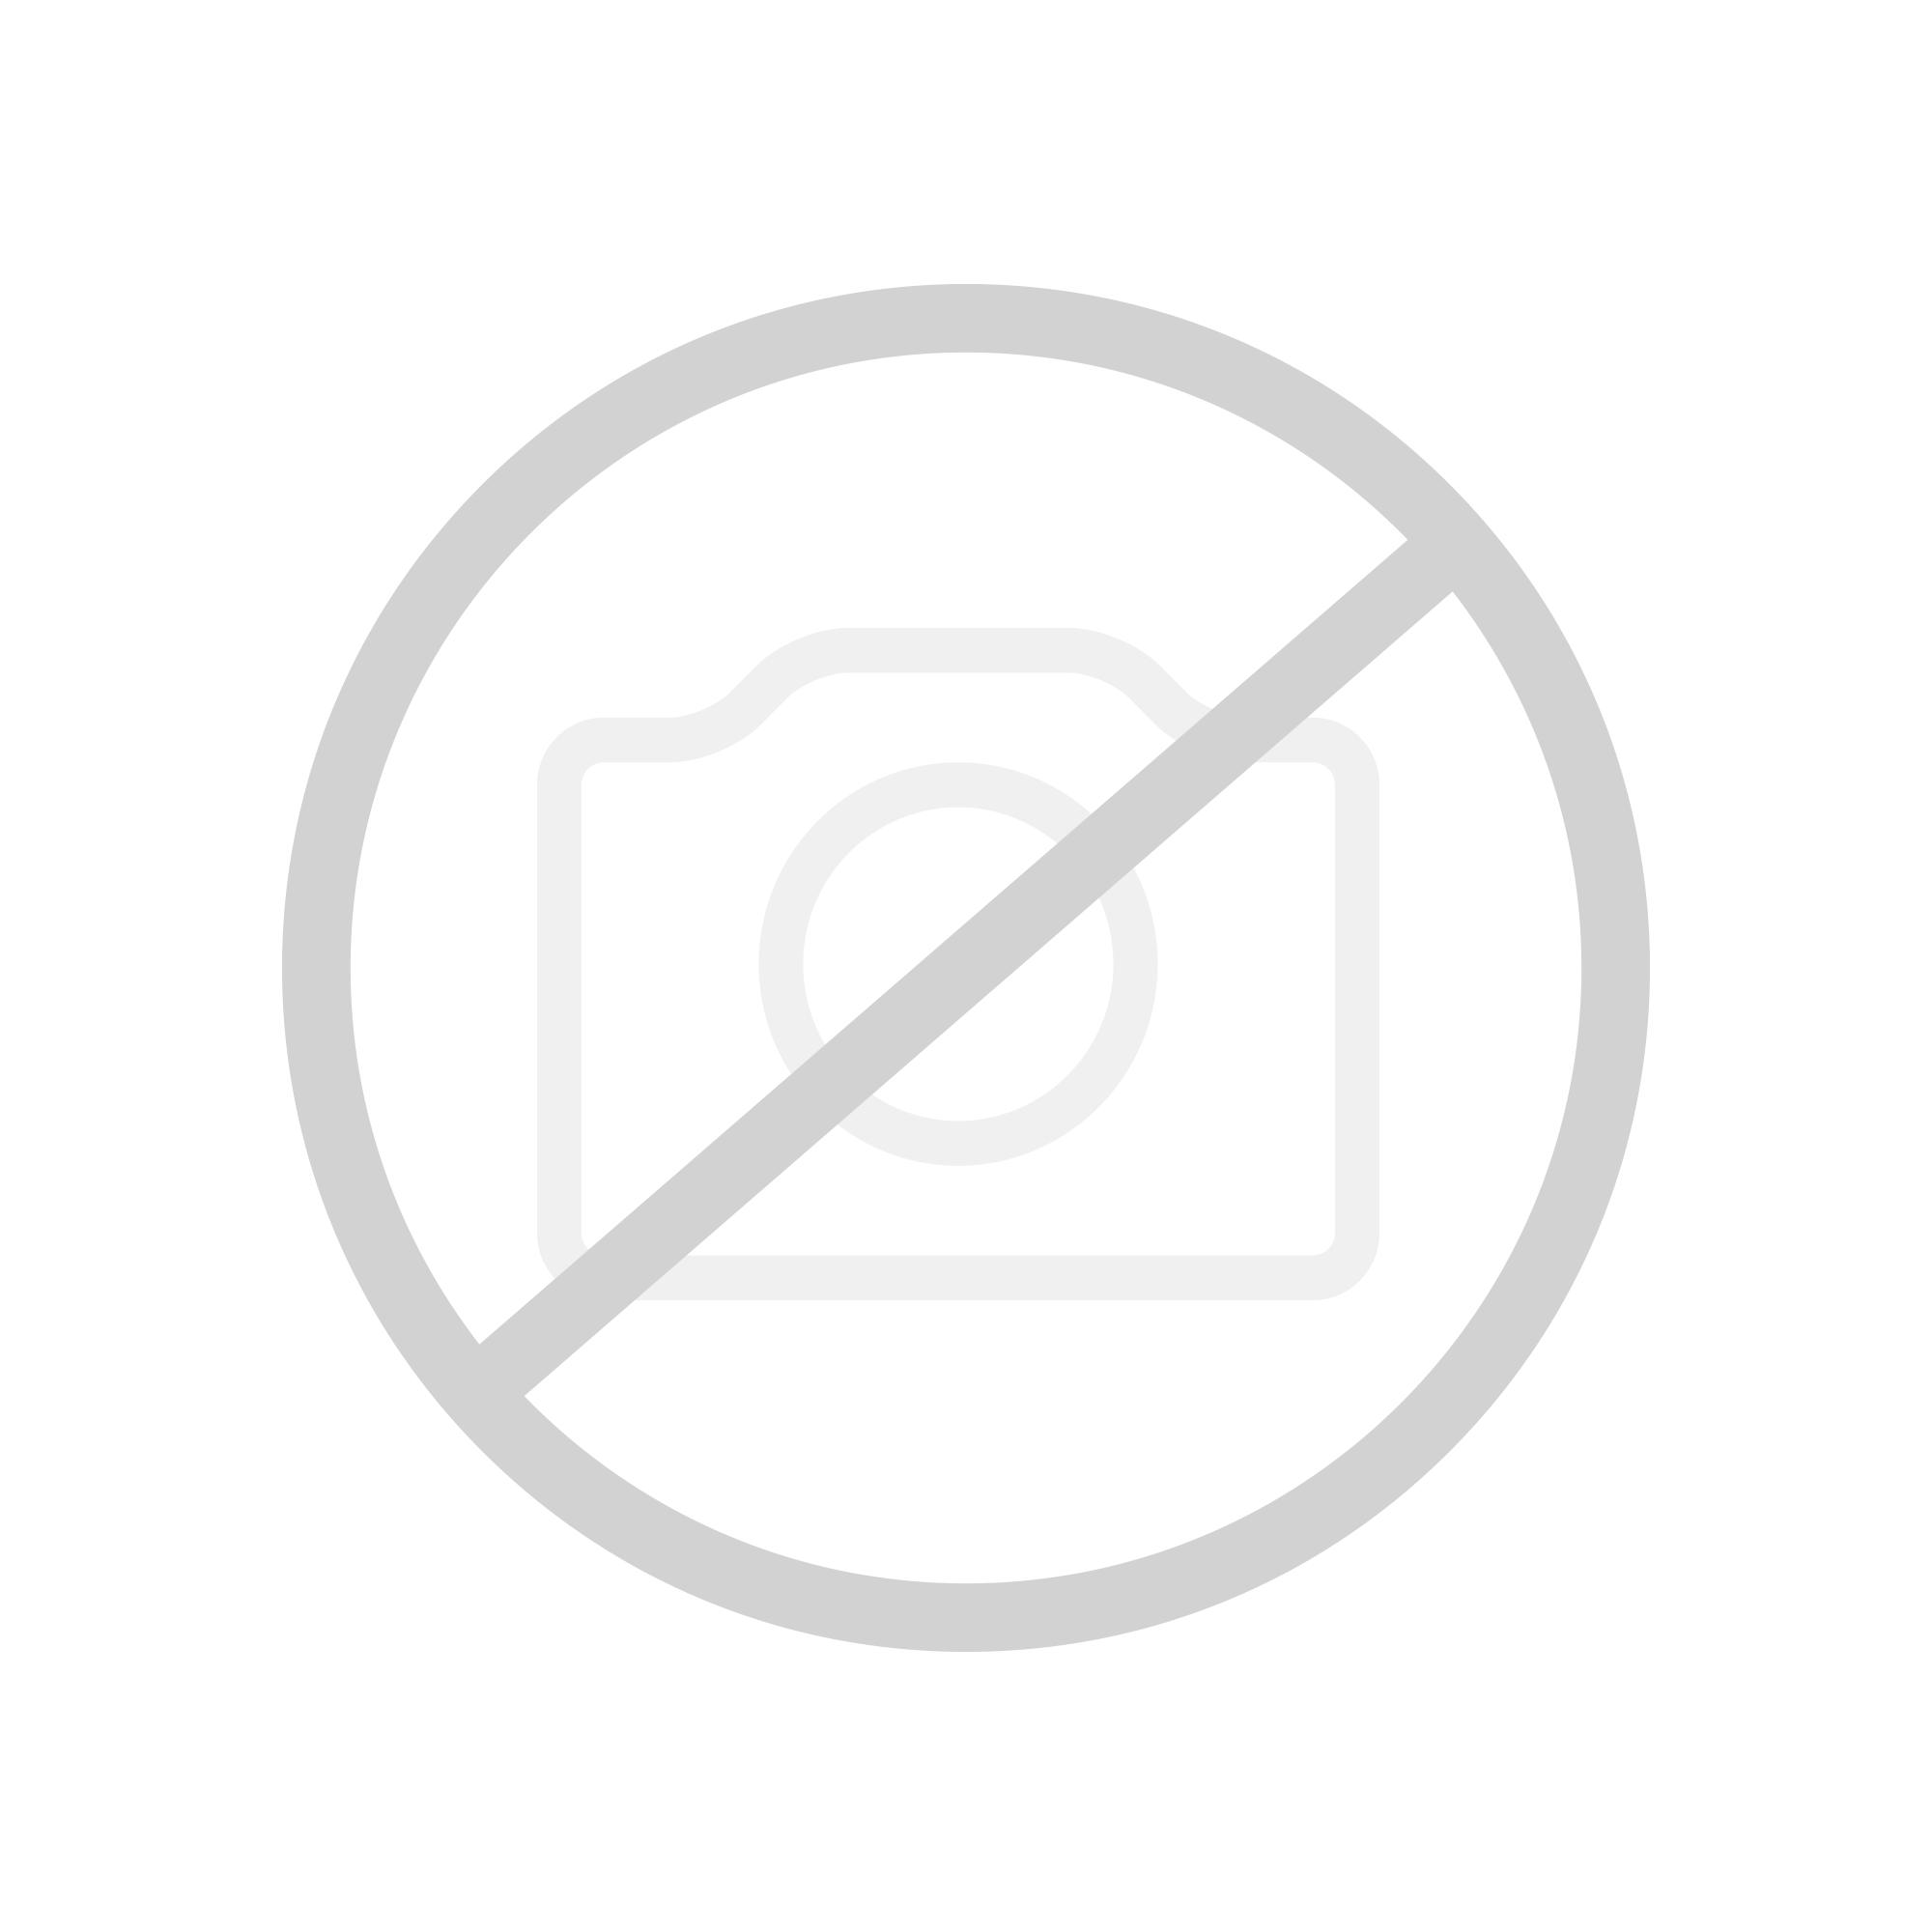 AEG Infrarot Heizstrahler Premium